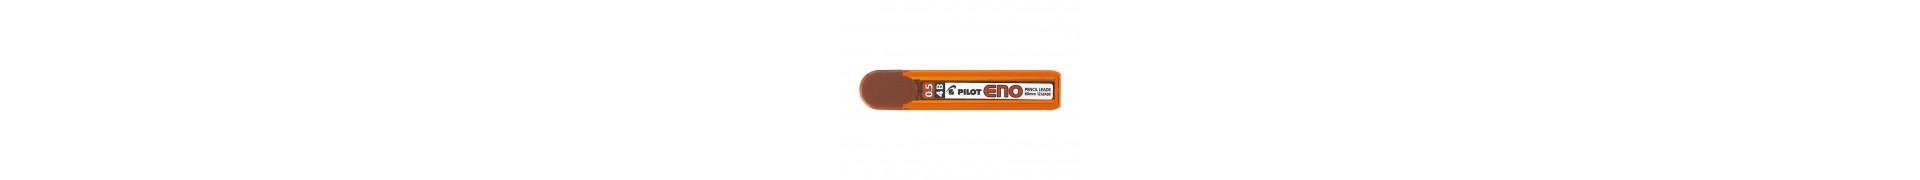 Mine PILOT - Pour porte-mine  - 0.5 mm - 4B